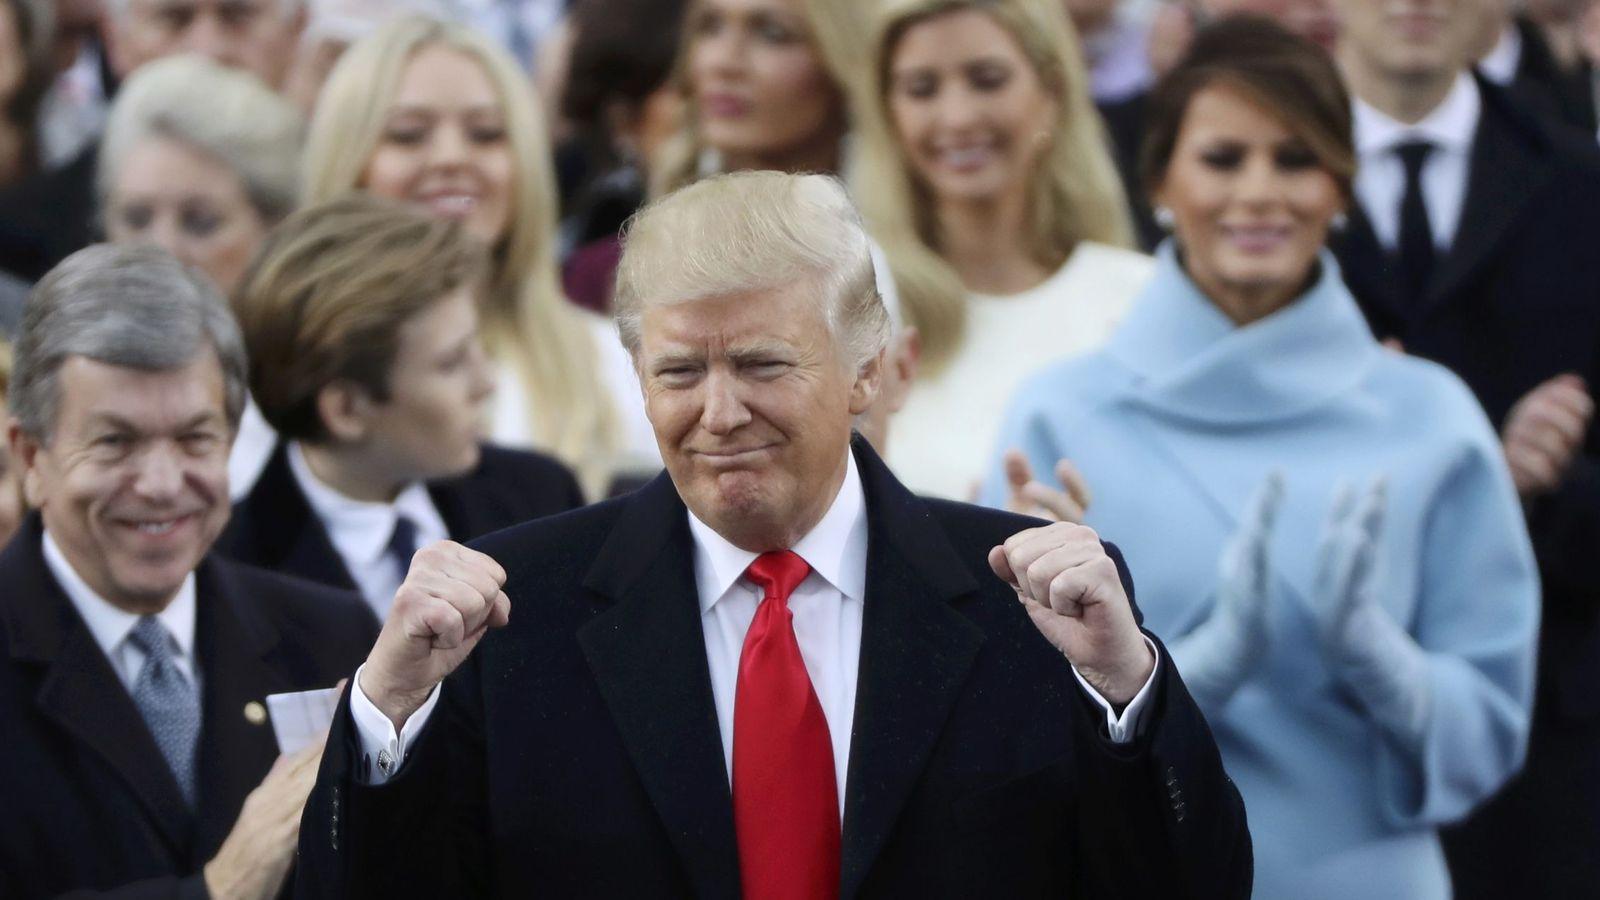 Foto: El presidente Donald Trump tras jurar el cargo en el Capitolio, el 20 de enero de 2017 (Reuters).